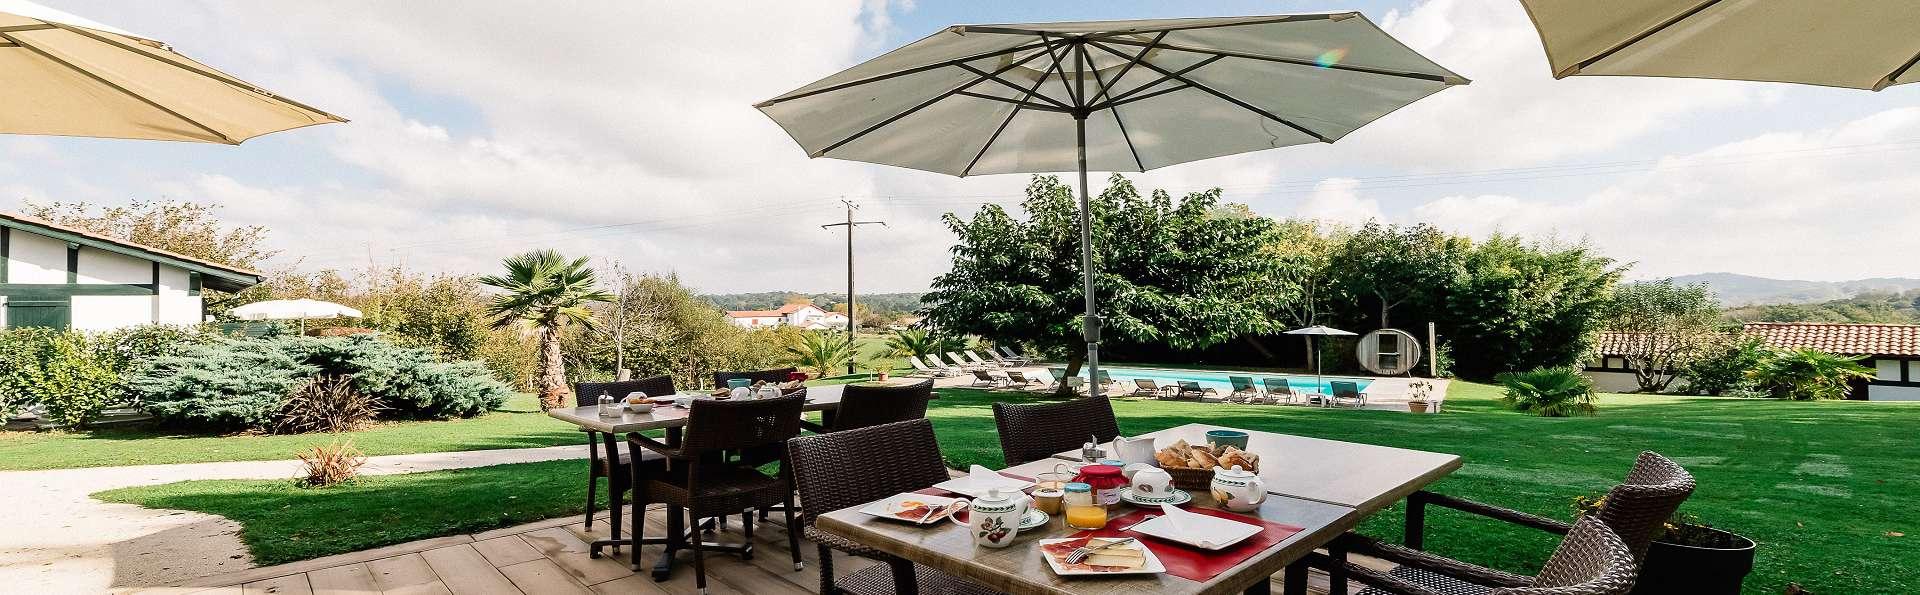 Hôtel Laminak, The Originals Relais (Relais du Silence) - pdj_en_terrasse.jpg